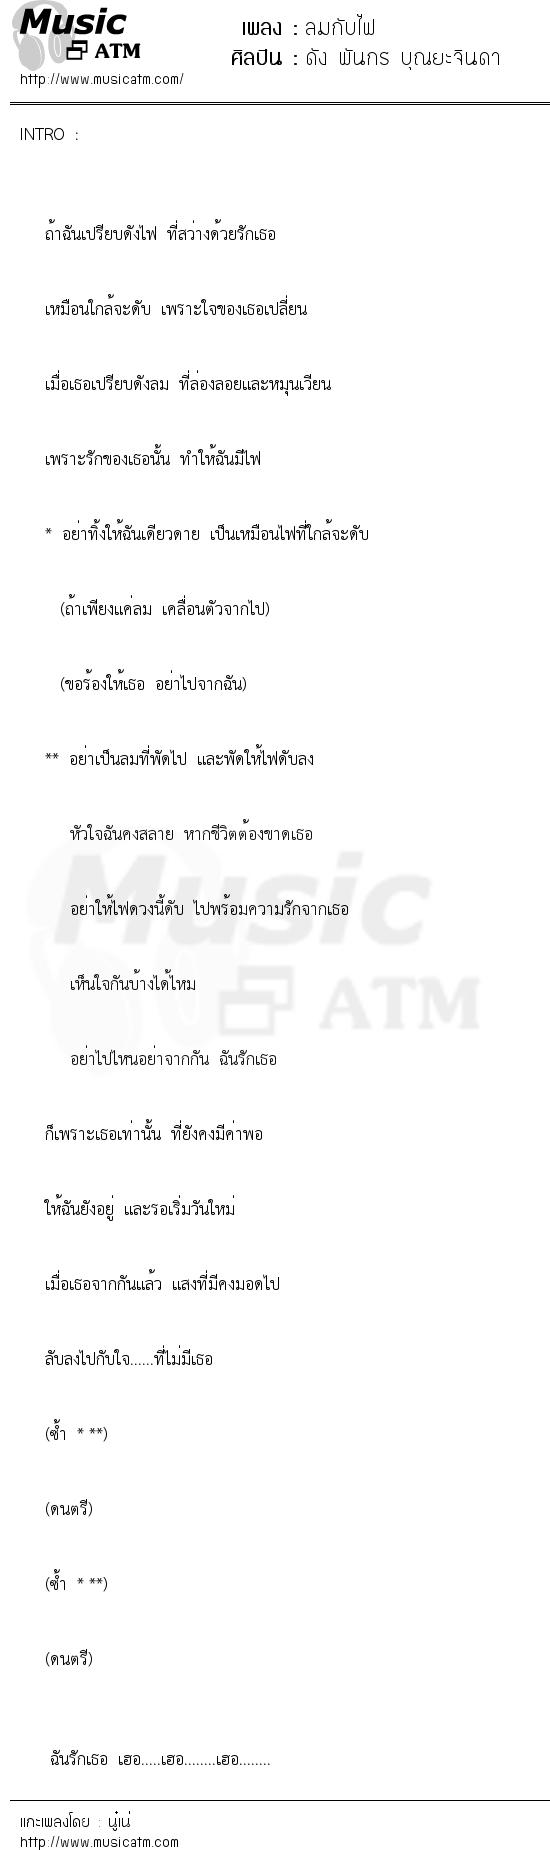 ลมกับไฟ   เพลงไทย